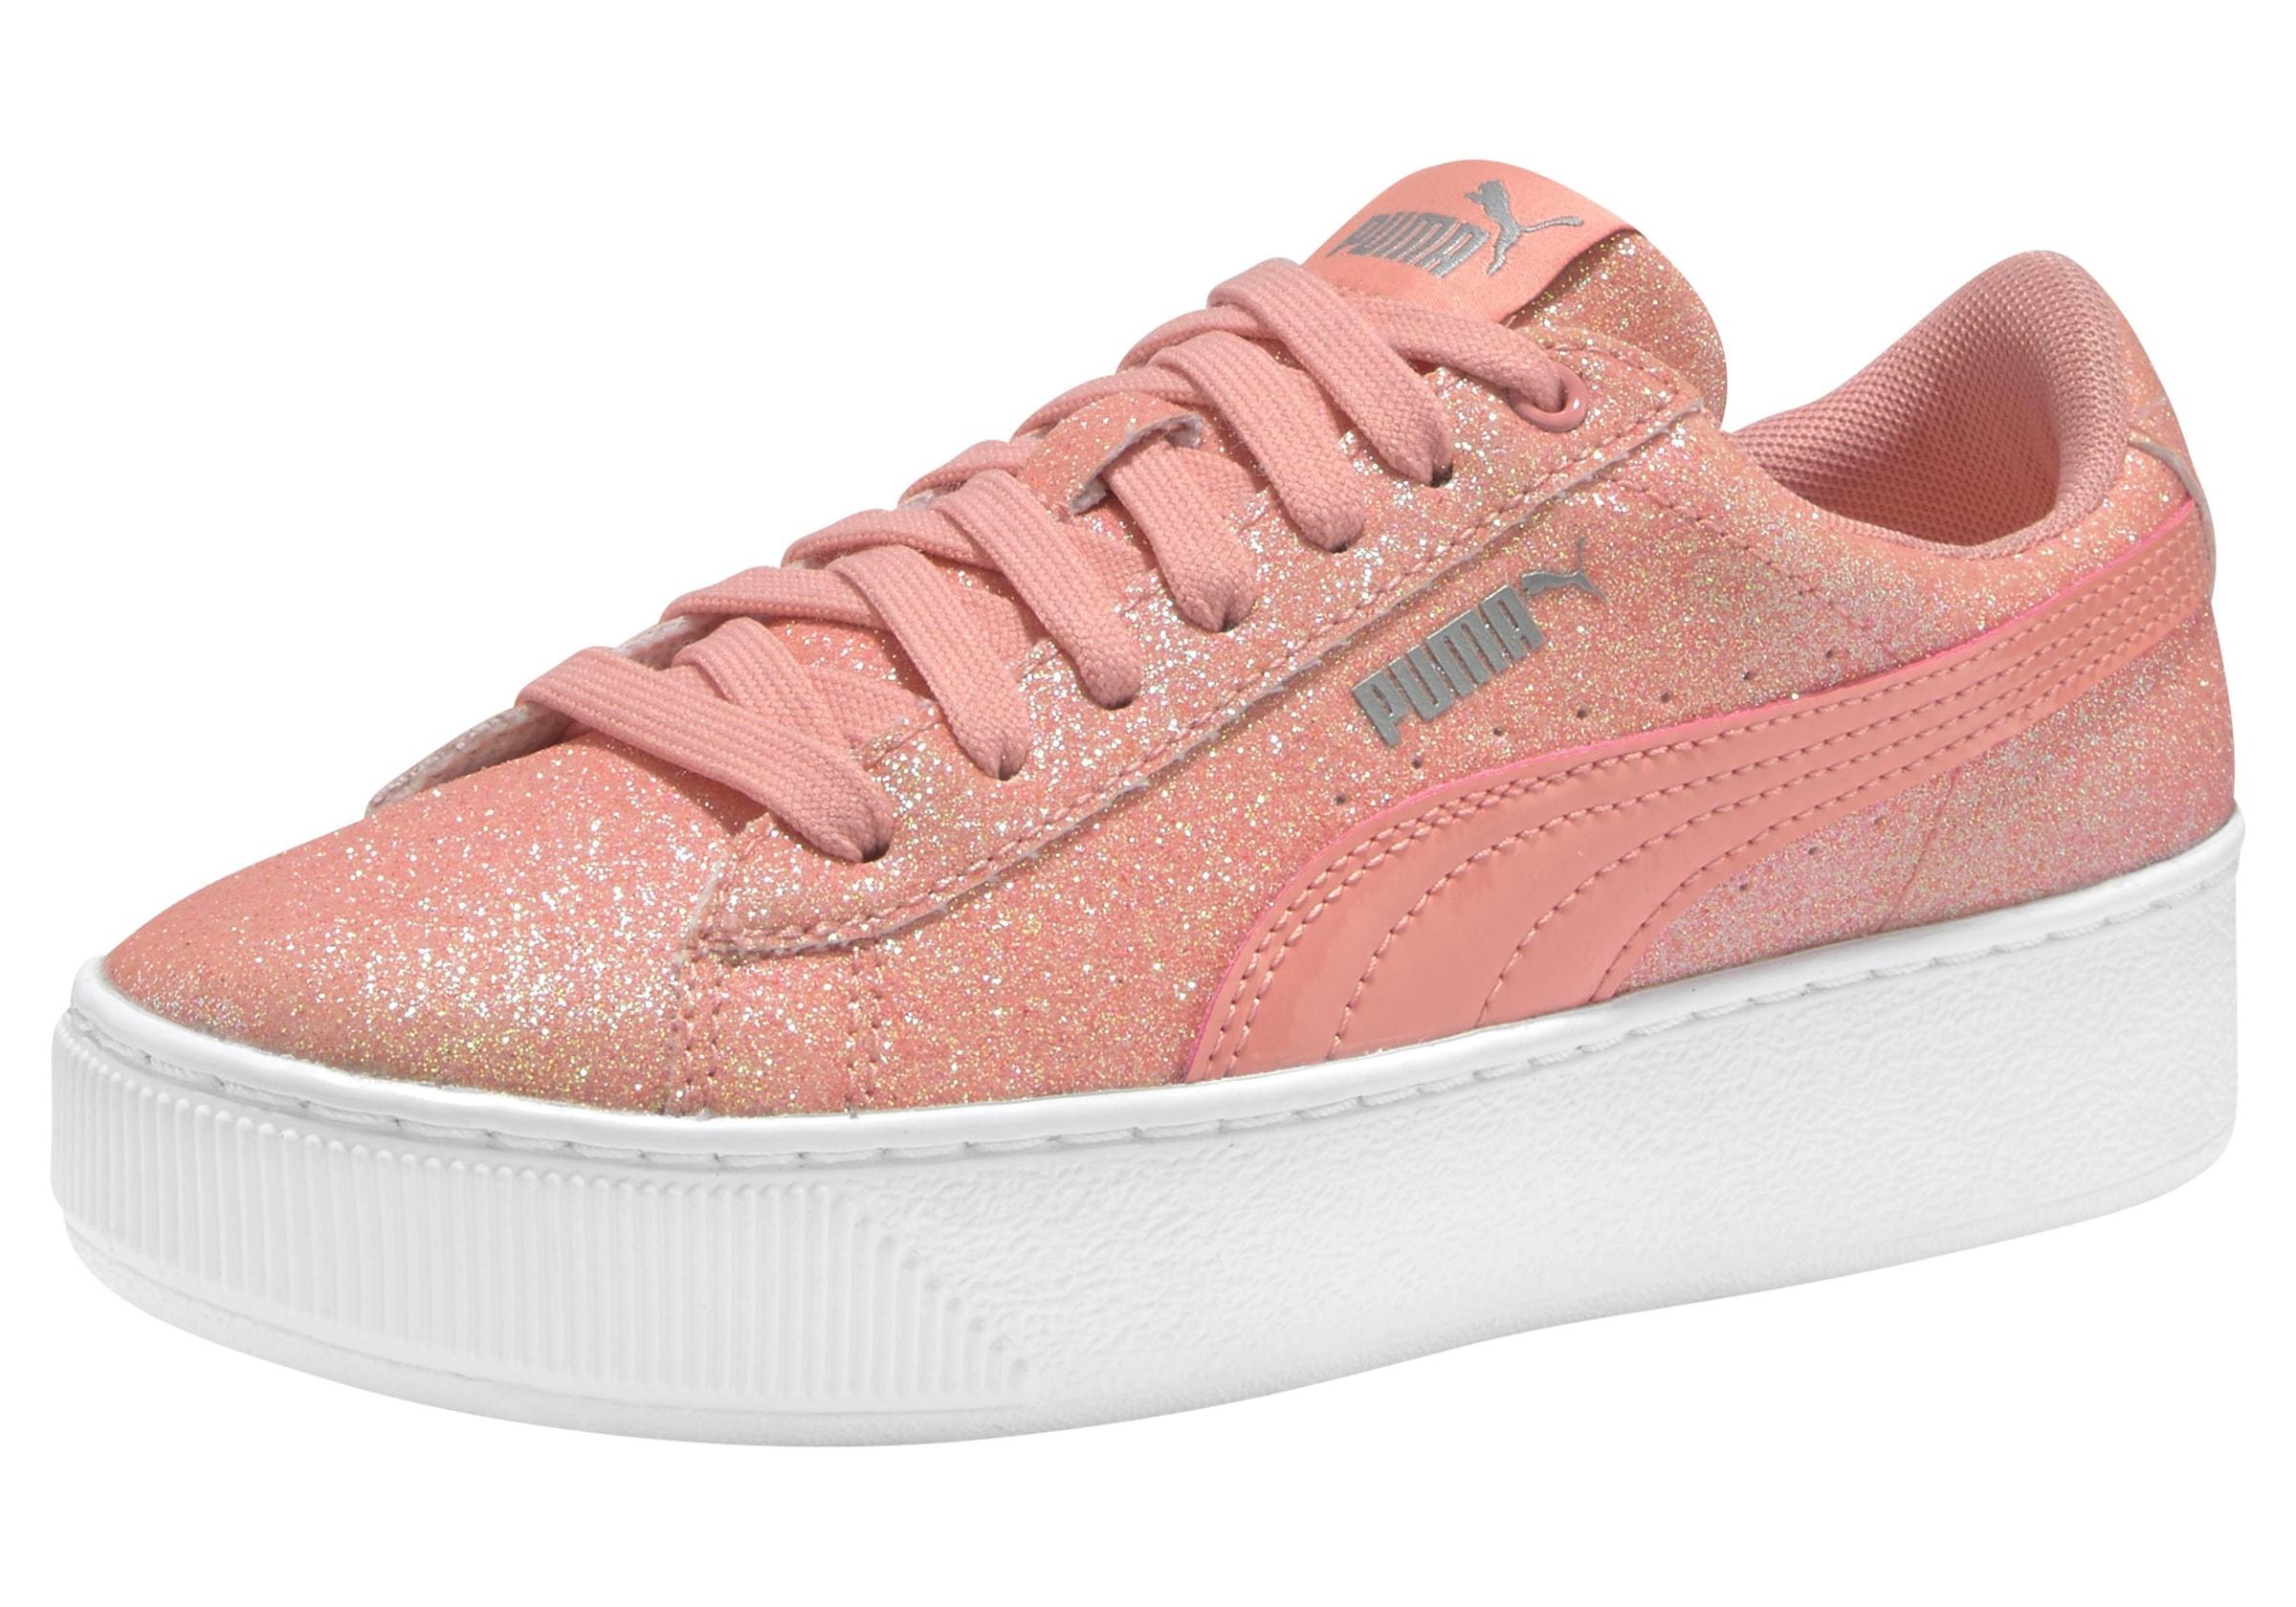 PUMA Sneaker Puma Vikky Platfor bestellen bestellen bestellen | Gutes Preis-Leistungs-Verhältnis, es lohnt sich b9c665